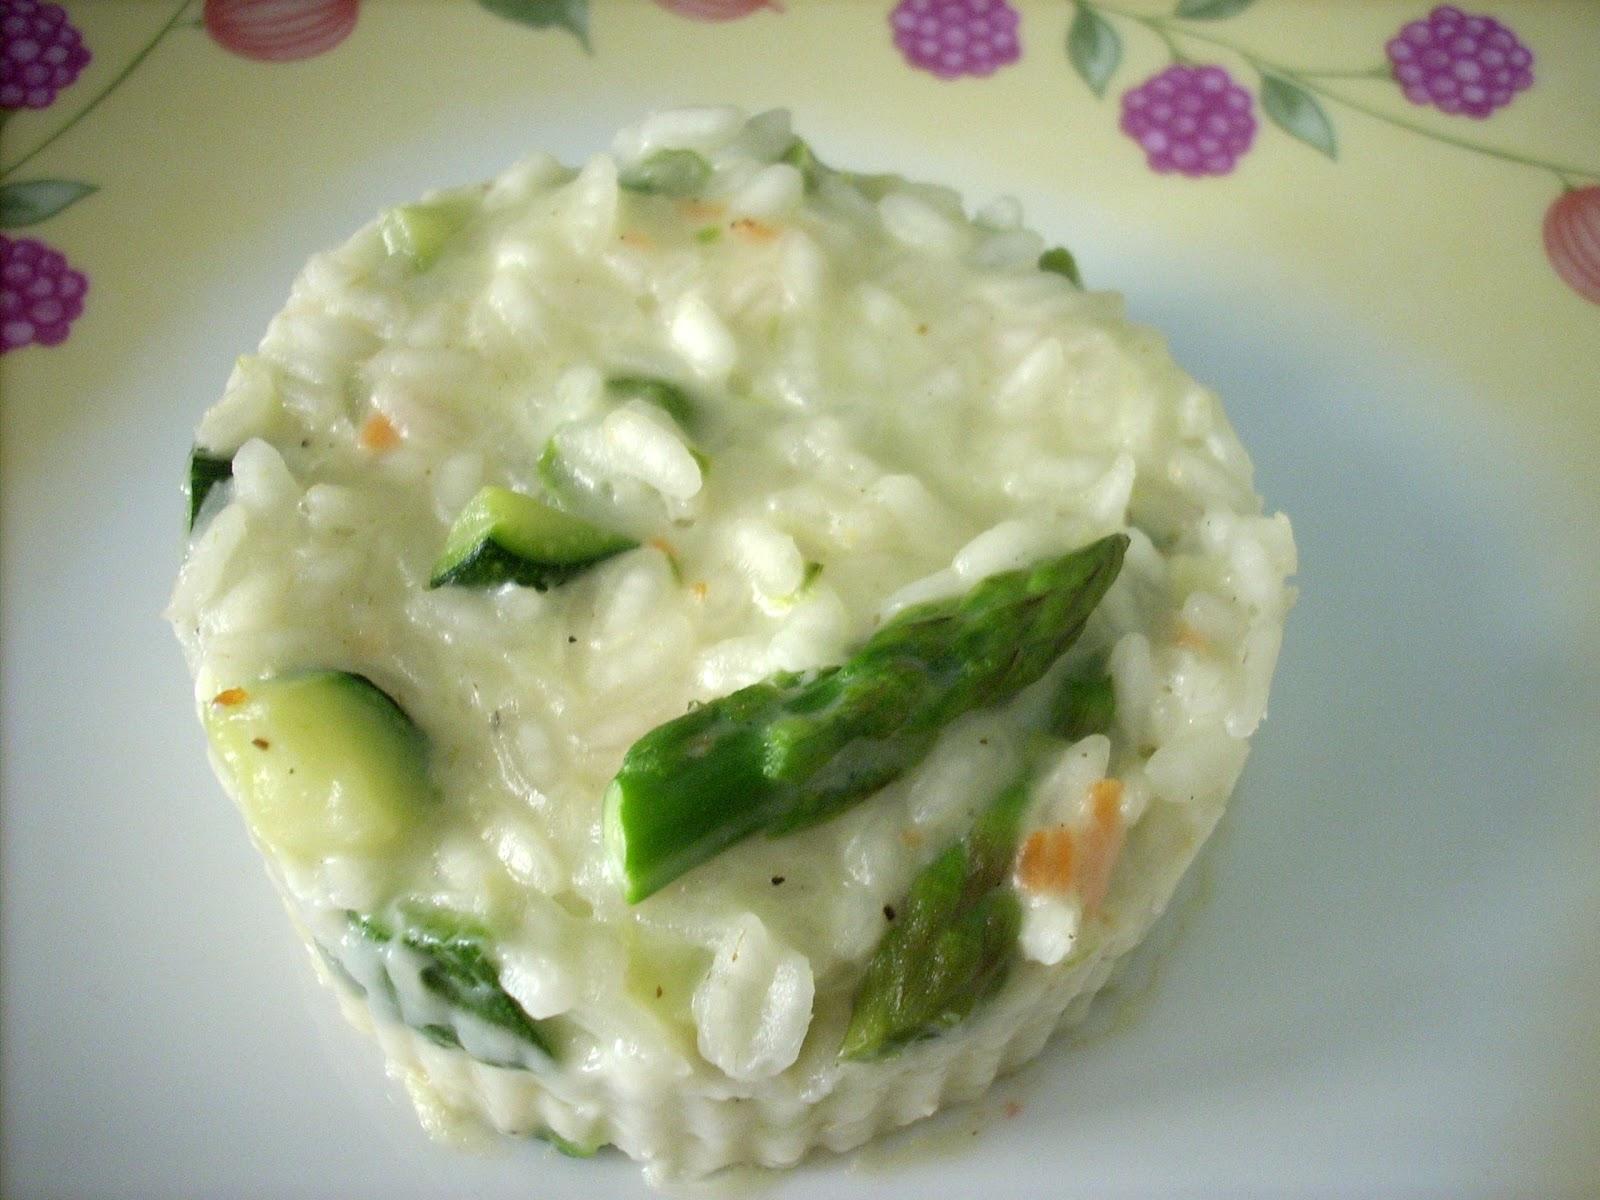 Risotto Asparagi Zucchine.Setteveli S Blog Risotto Con Asparagi Zucchine E Salmone